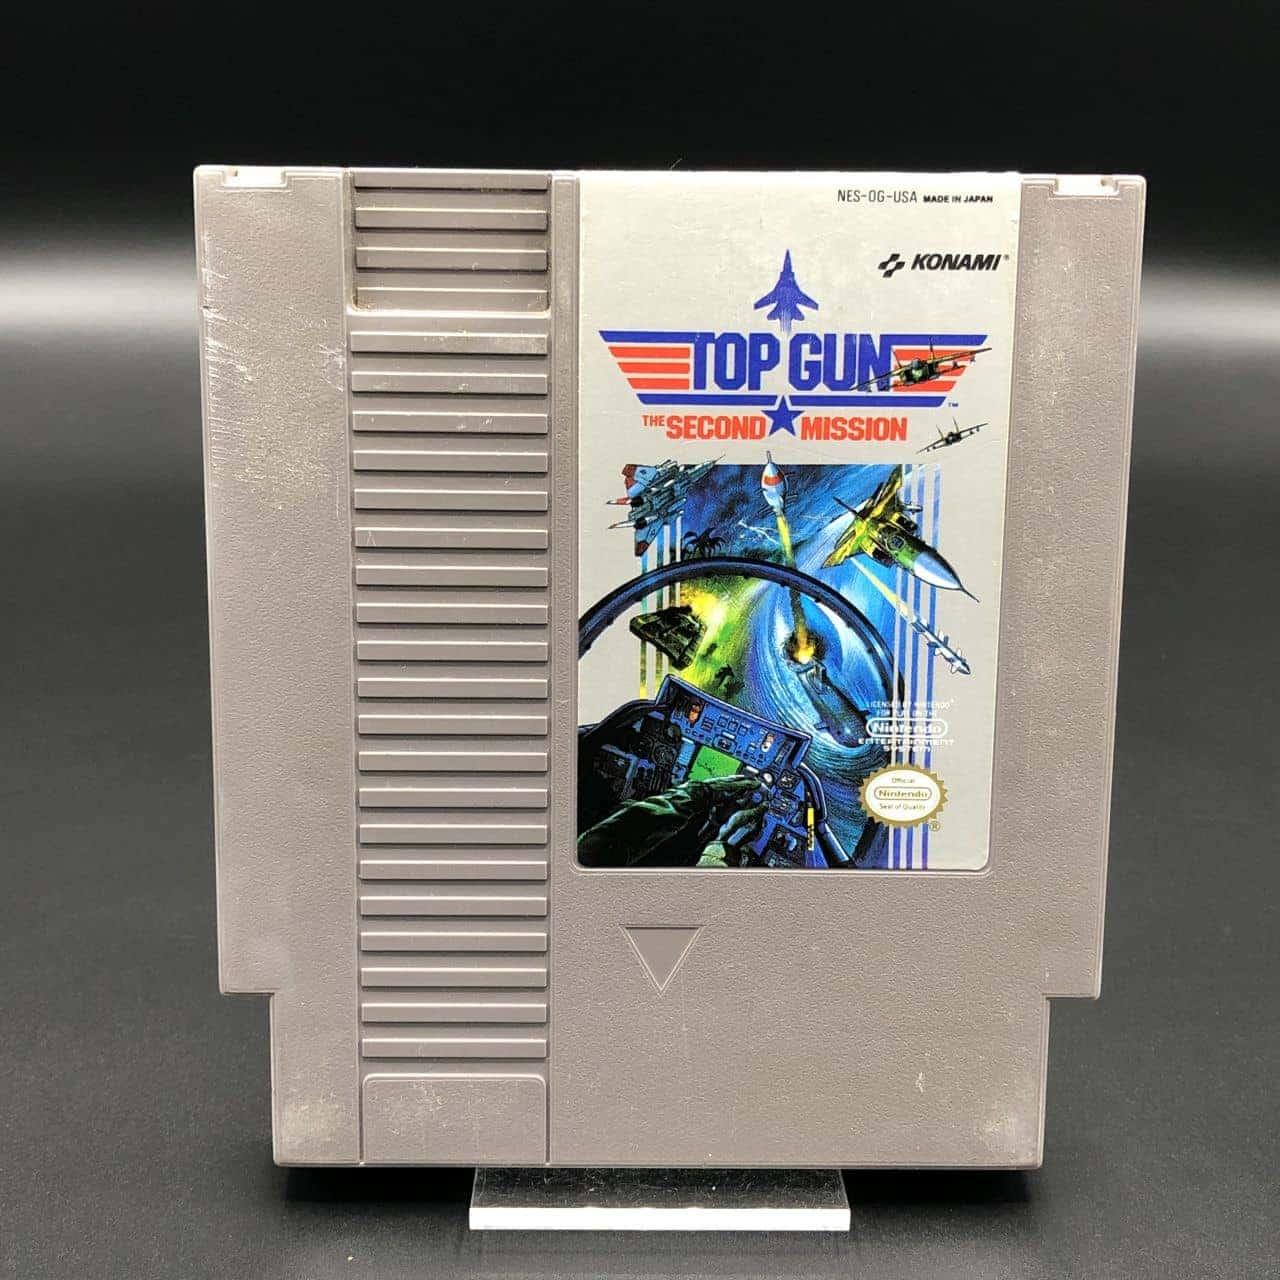 NES Top Gun: The Second Mission (Import USA) (Modul) (Gebrauchsspuren) Nintendo Entertainment System